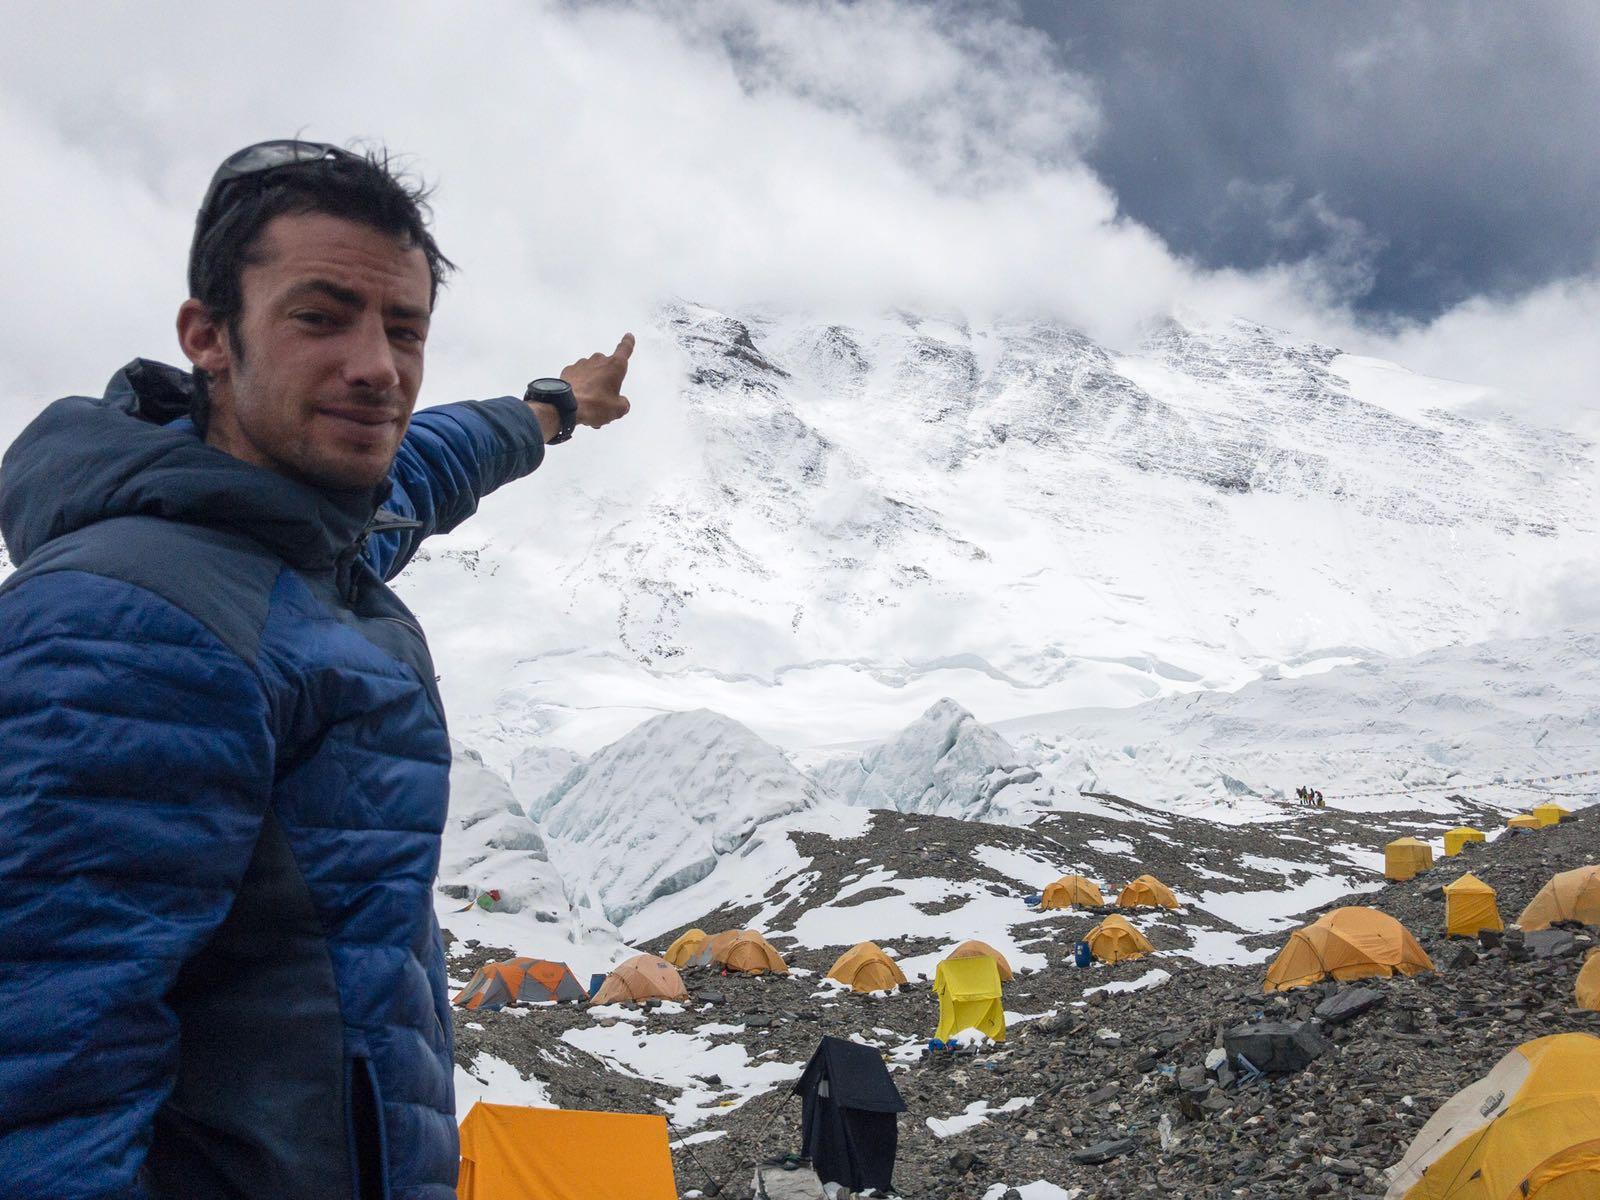 Kilian Jornet asciende y desciende Everest solo y sin apoyo en 38h por la cara Norte.